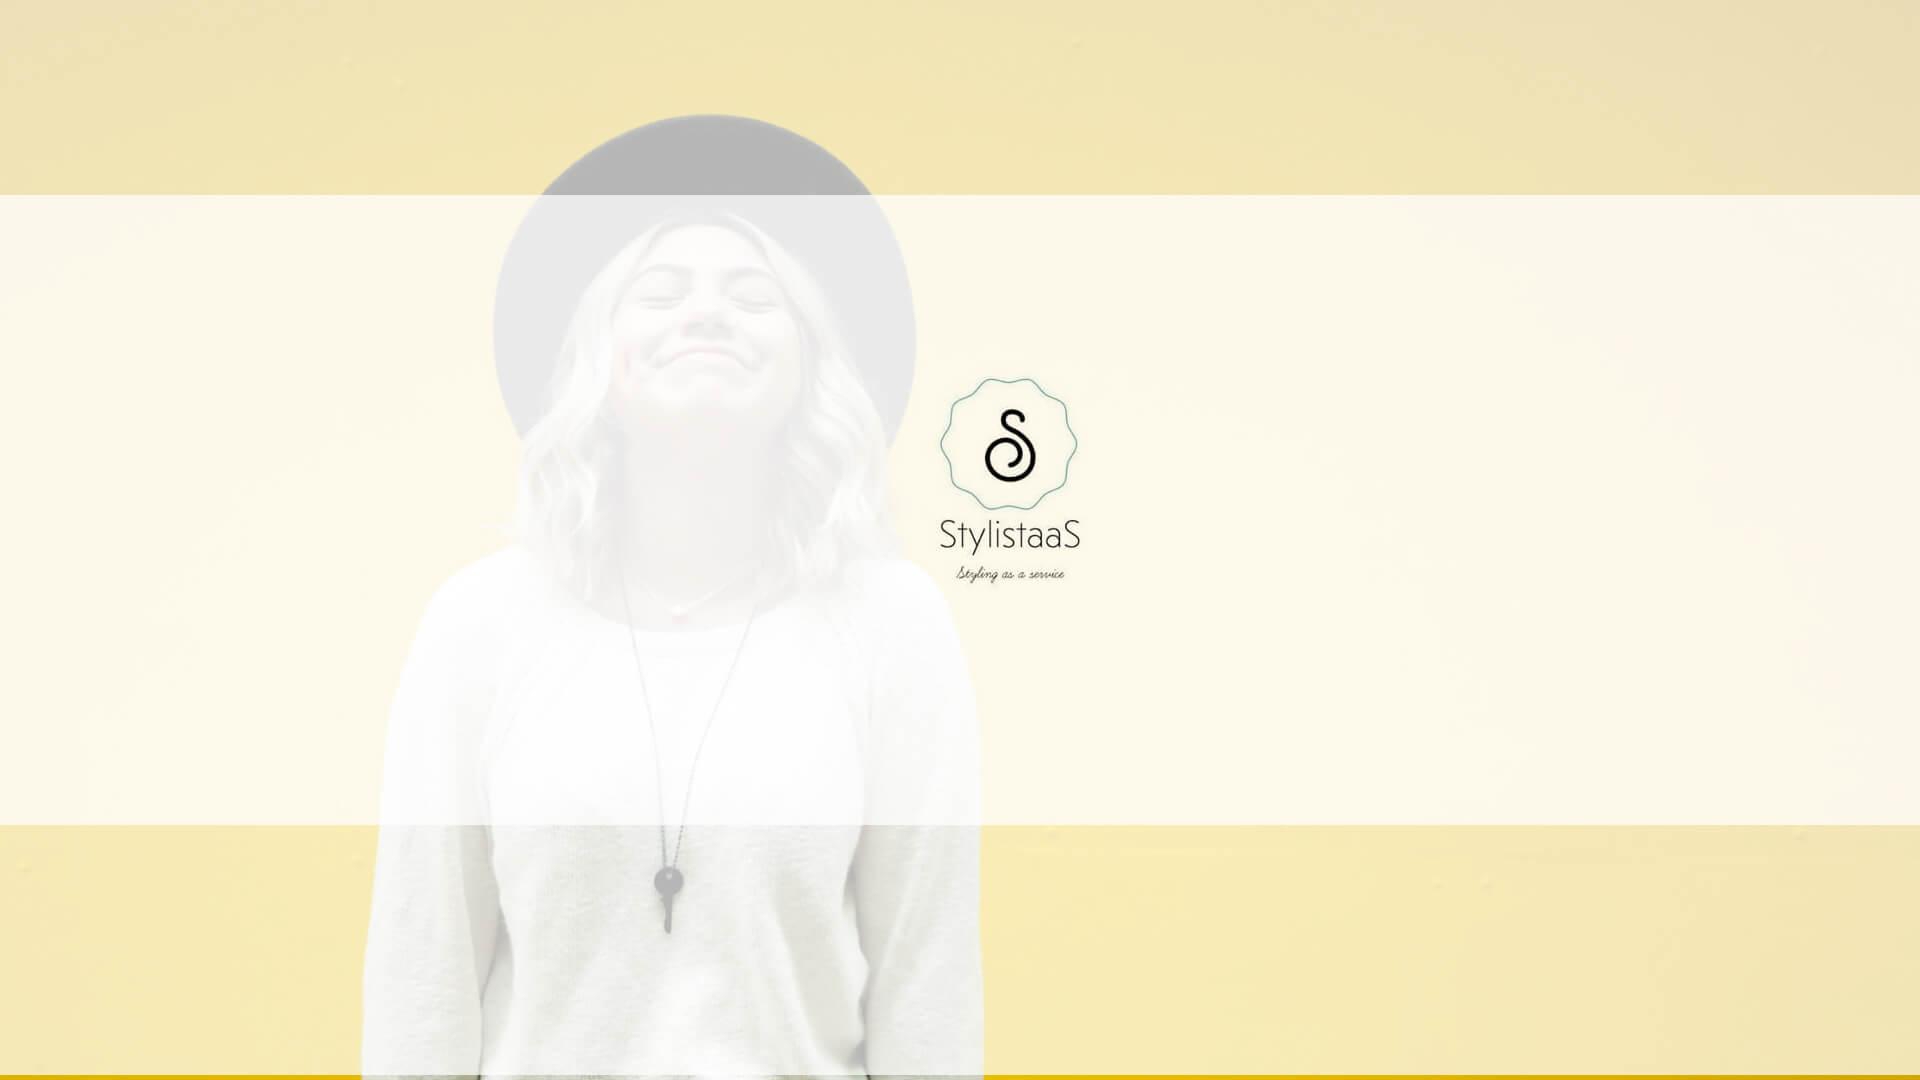 StylistaaS